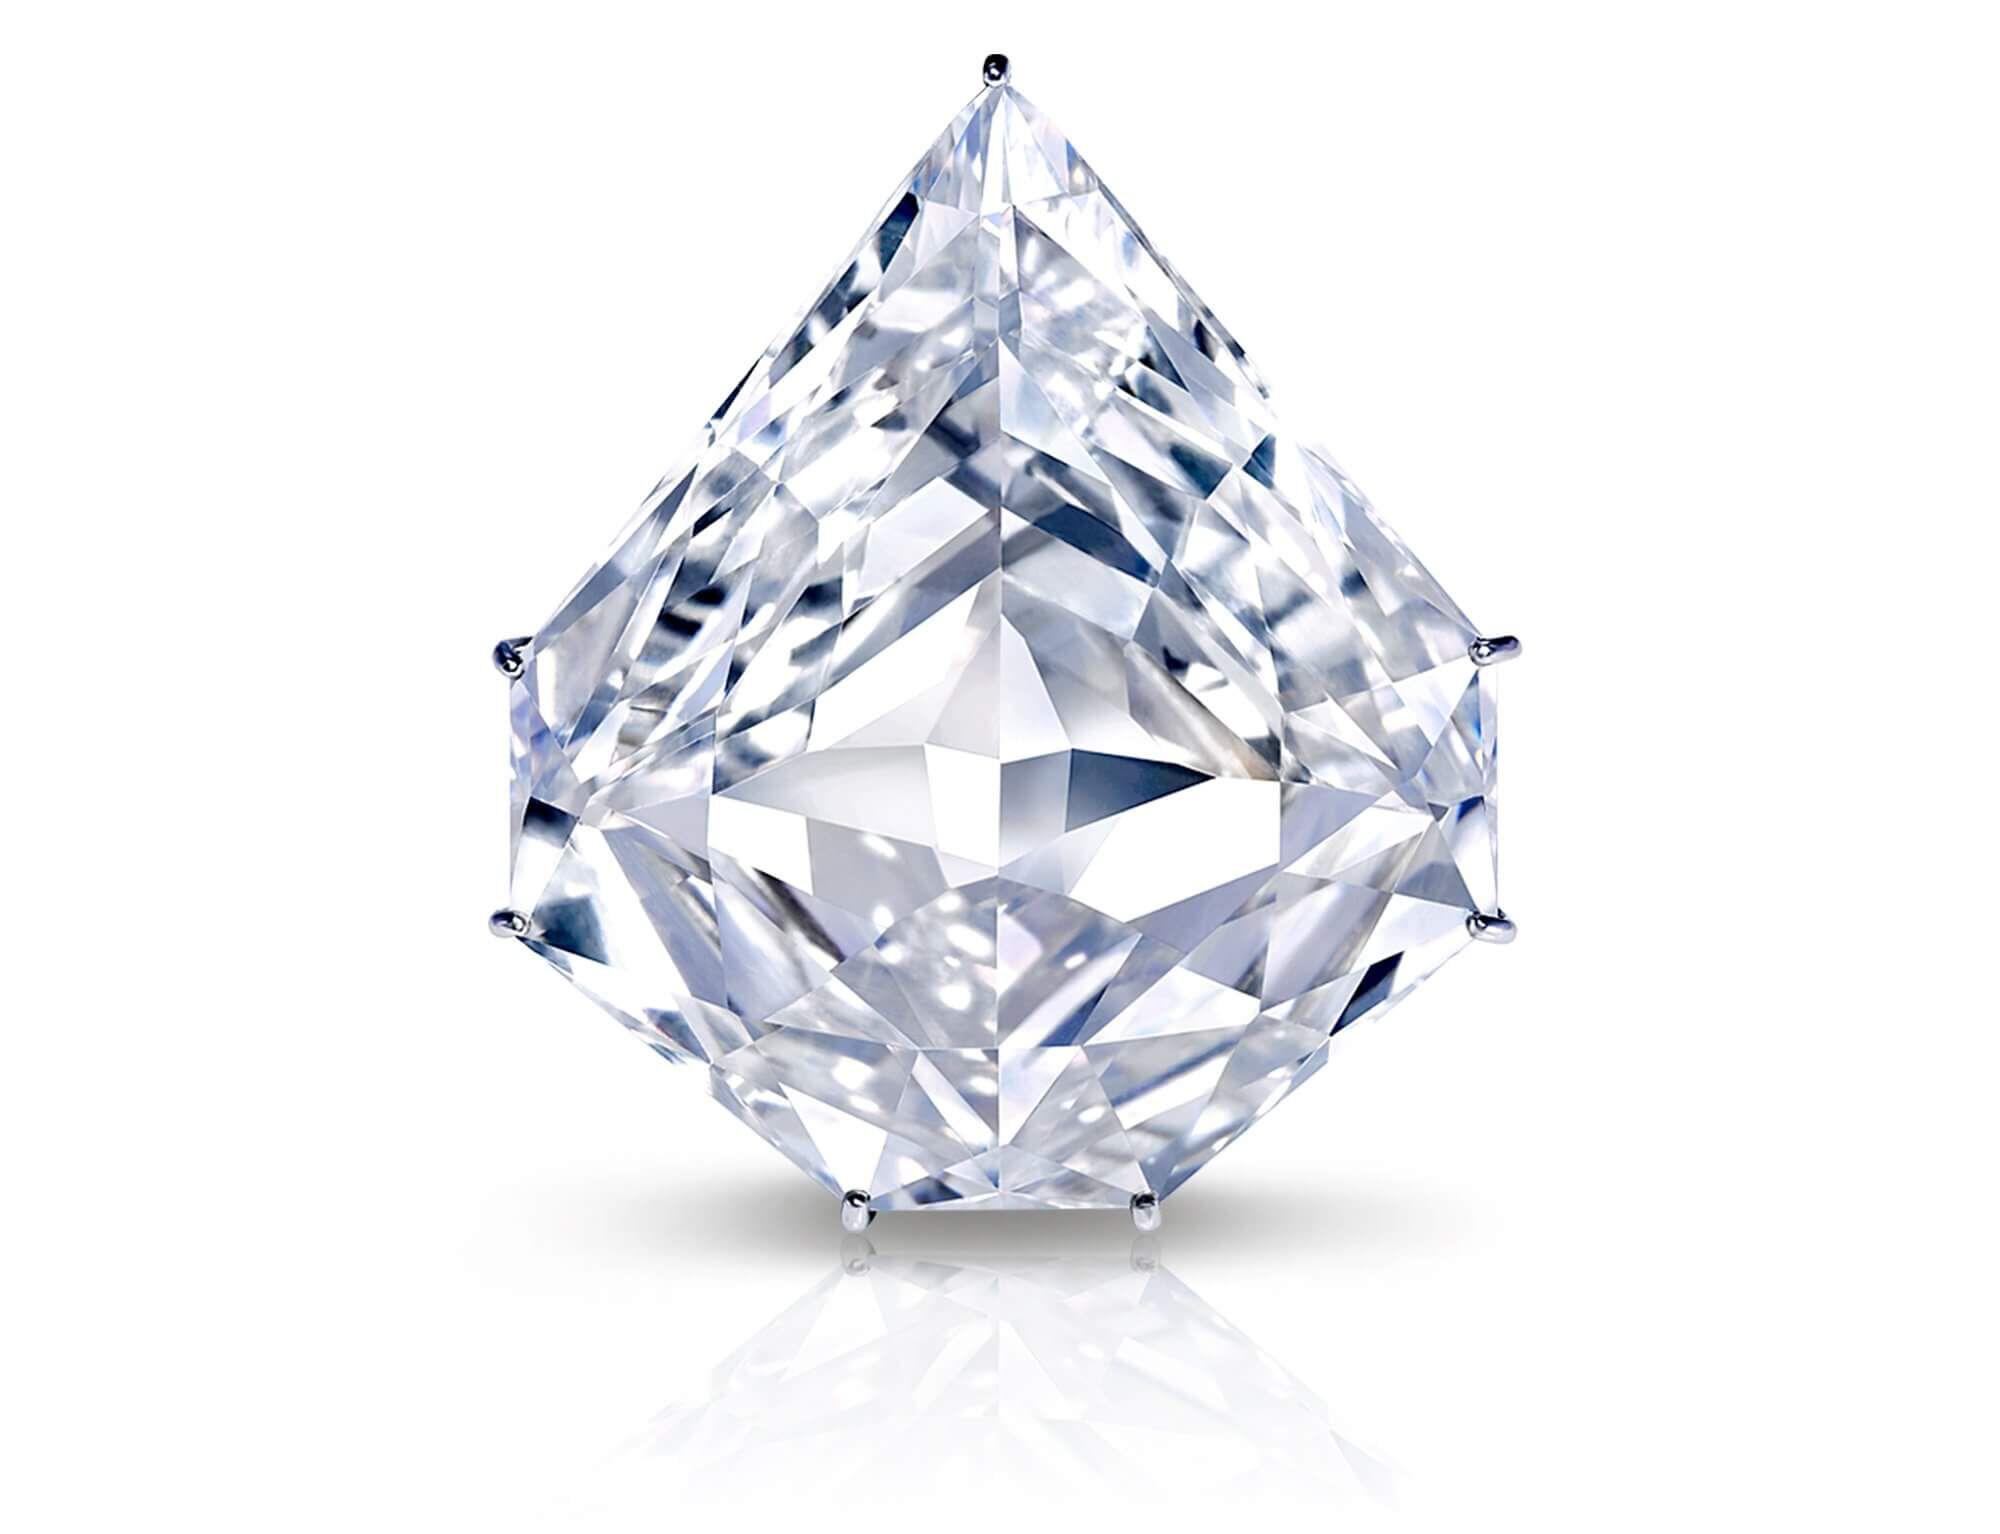 The Graff Paragon famous white diamond